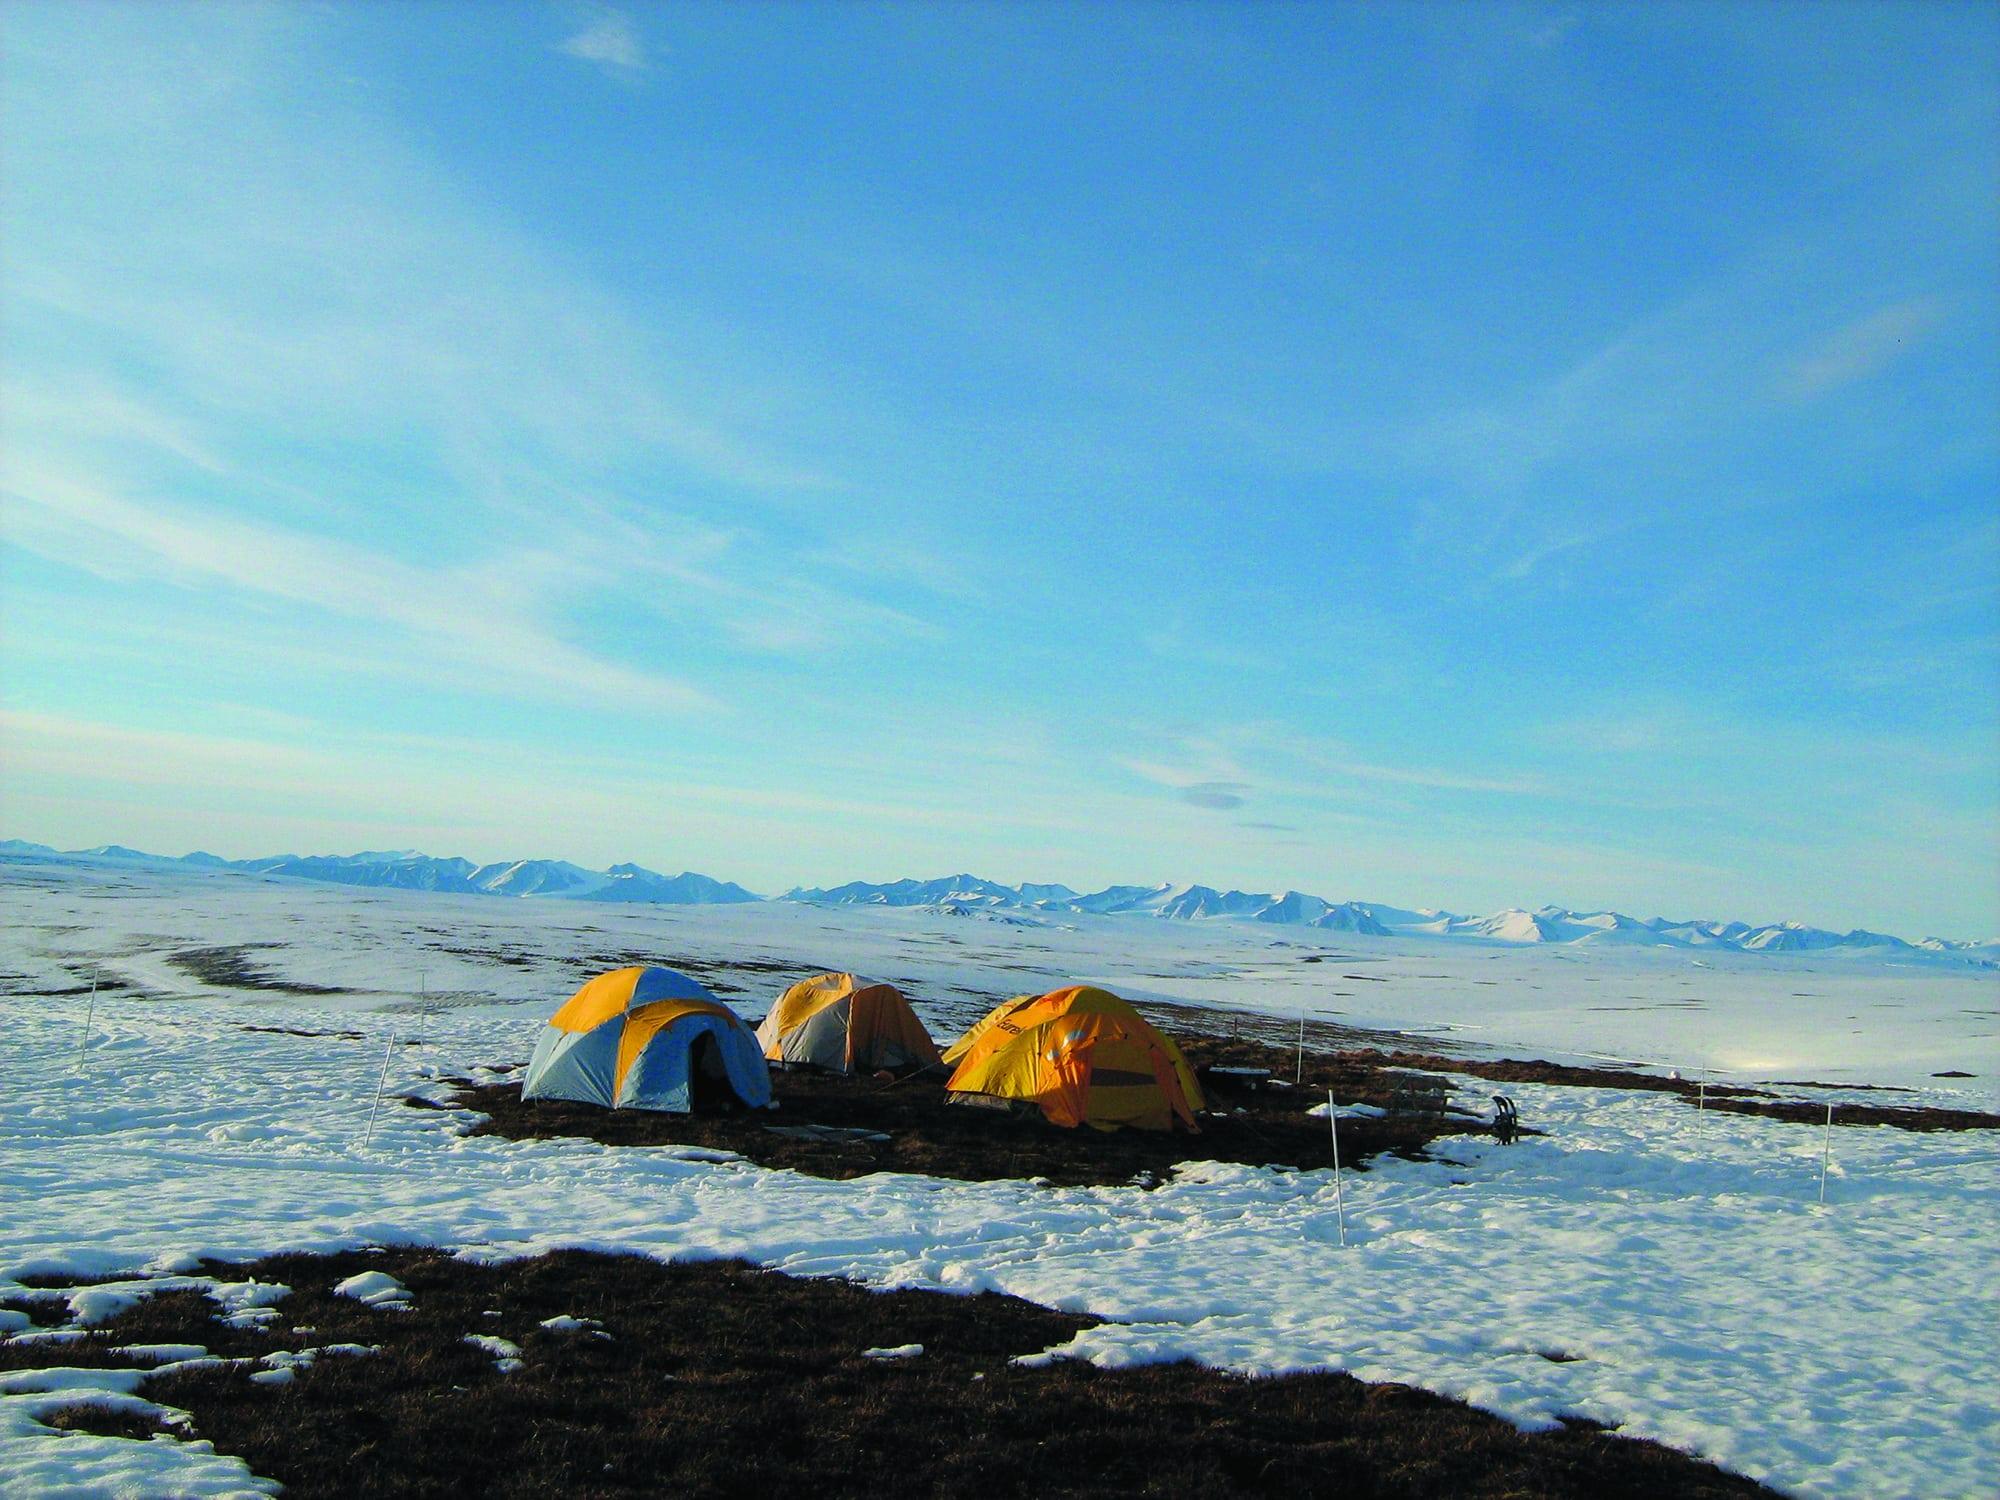 Camp temporaire de l'équipe renard, composé de deux tentes individuelles (une par personne) et d'une tente commune. Crédit photo :  Courtoisie Sandra Lai.